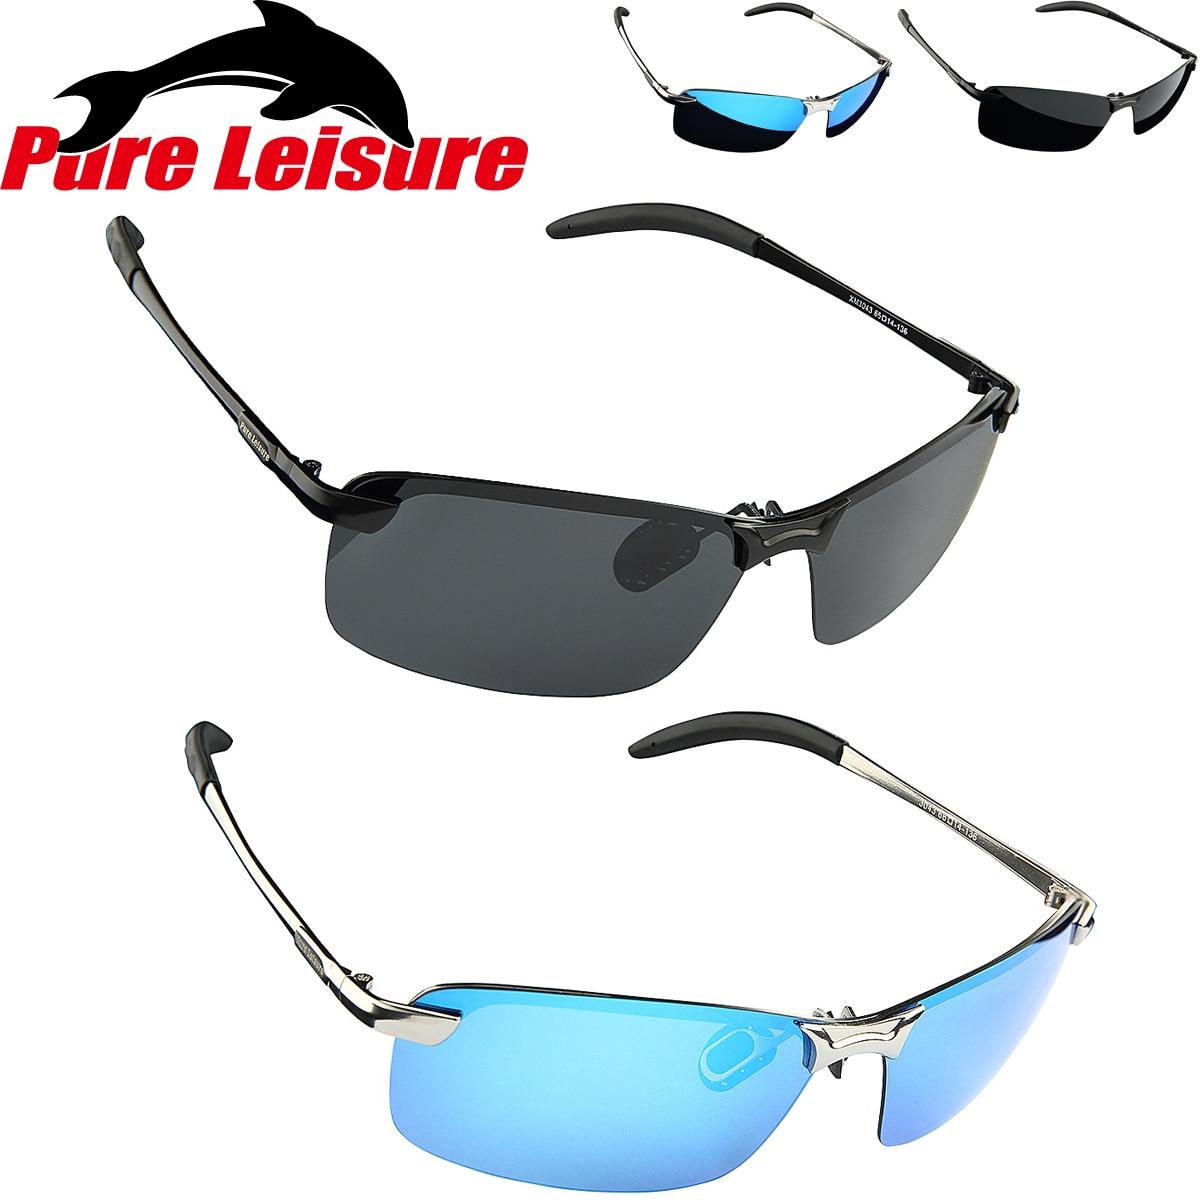 0631f47ca ... Visão Sol do Esporte Pureleisure Voar Fishingnight Camping Pesca Gafas  Polarizadas Óculos de Oculos Polarizado Pará. 🔍. Óculos de Pesca